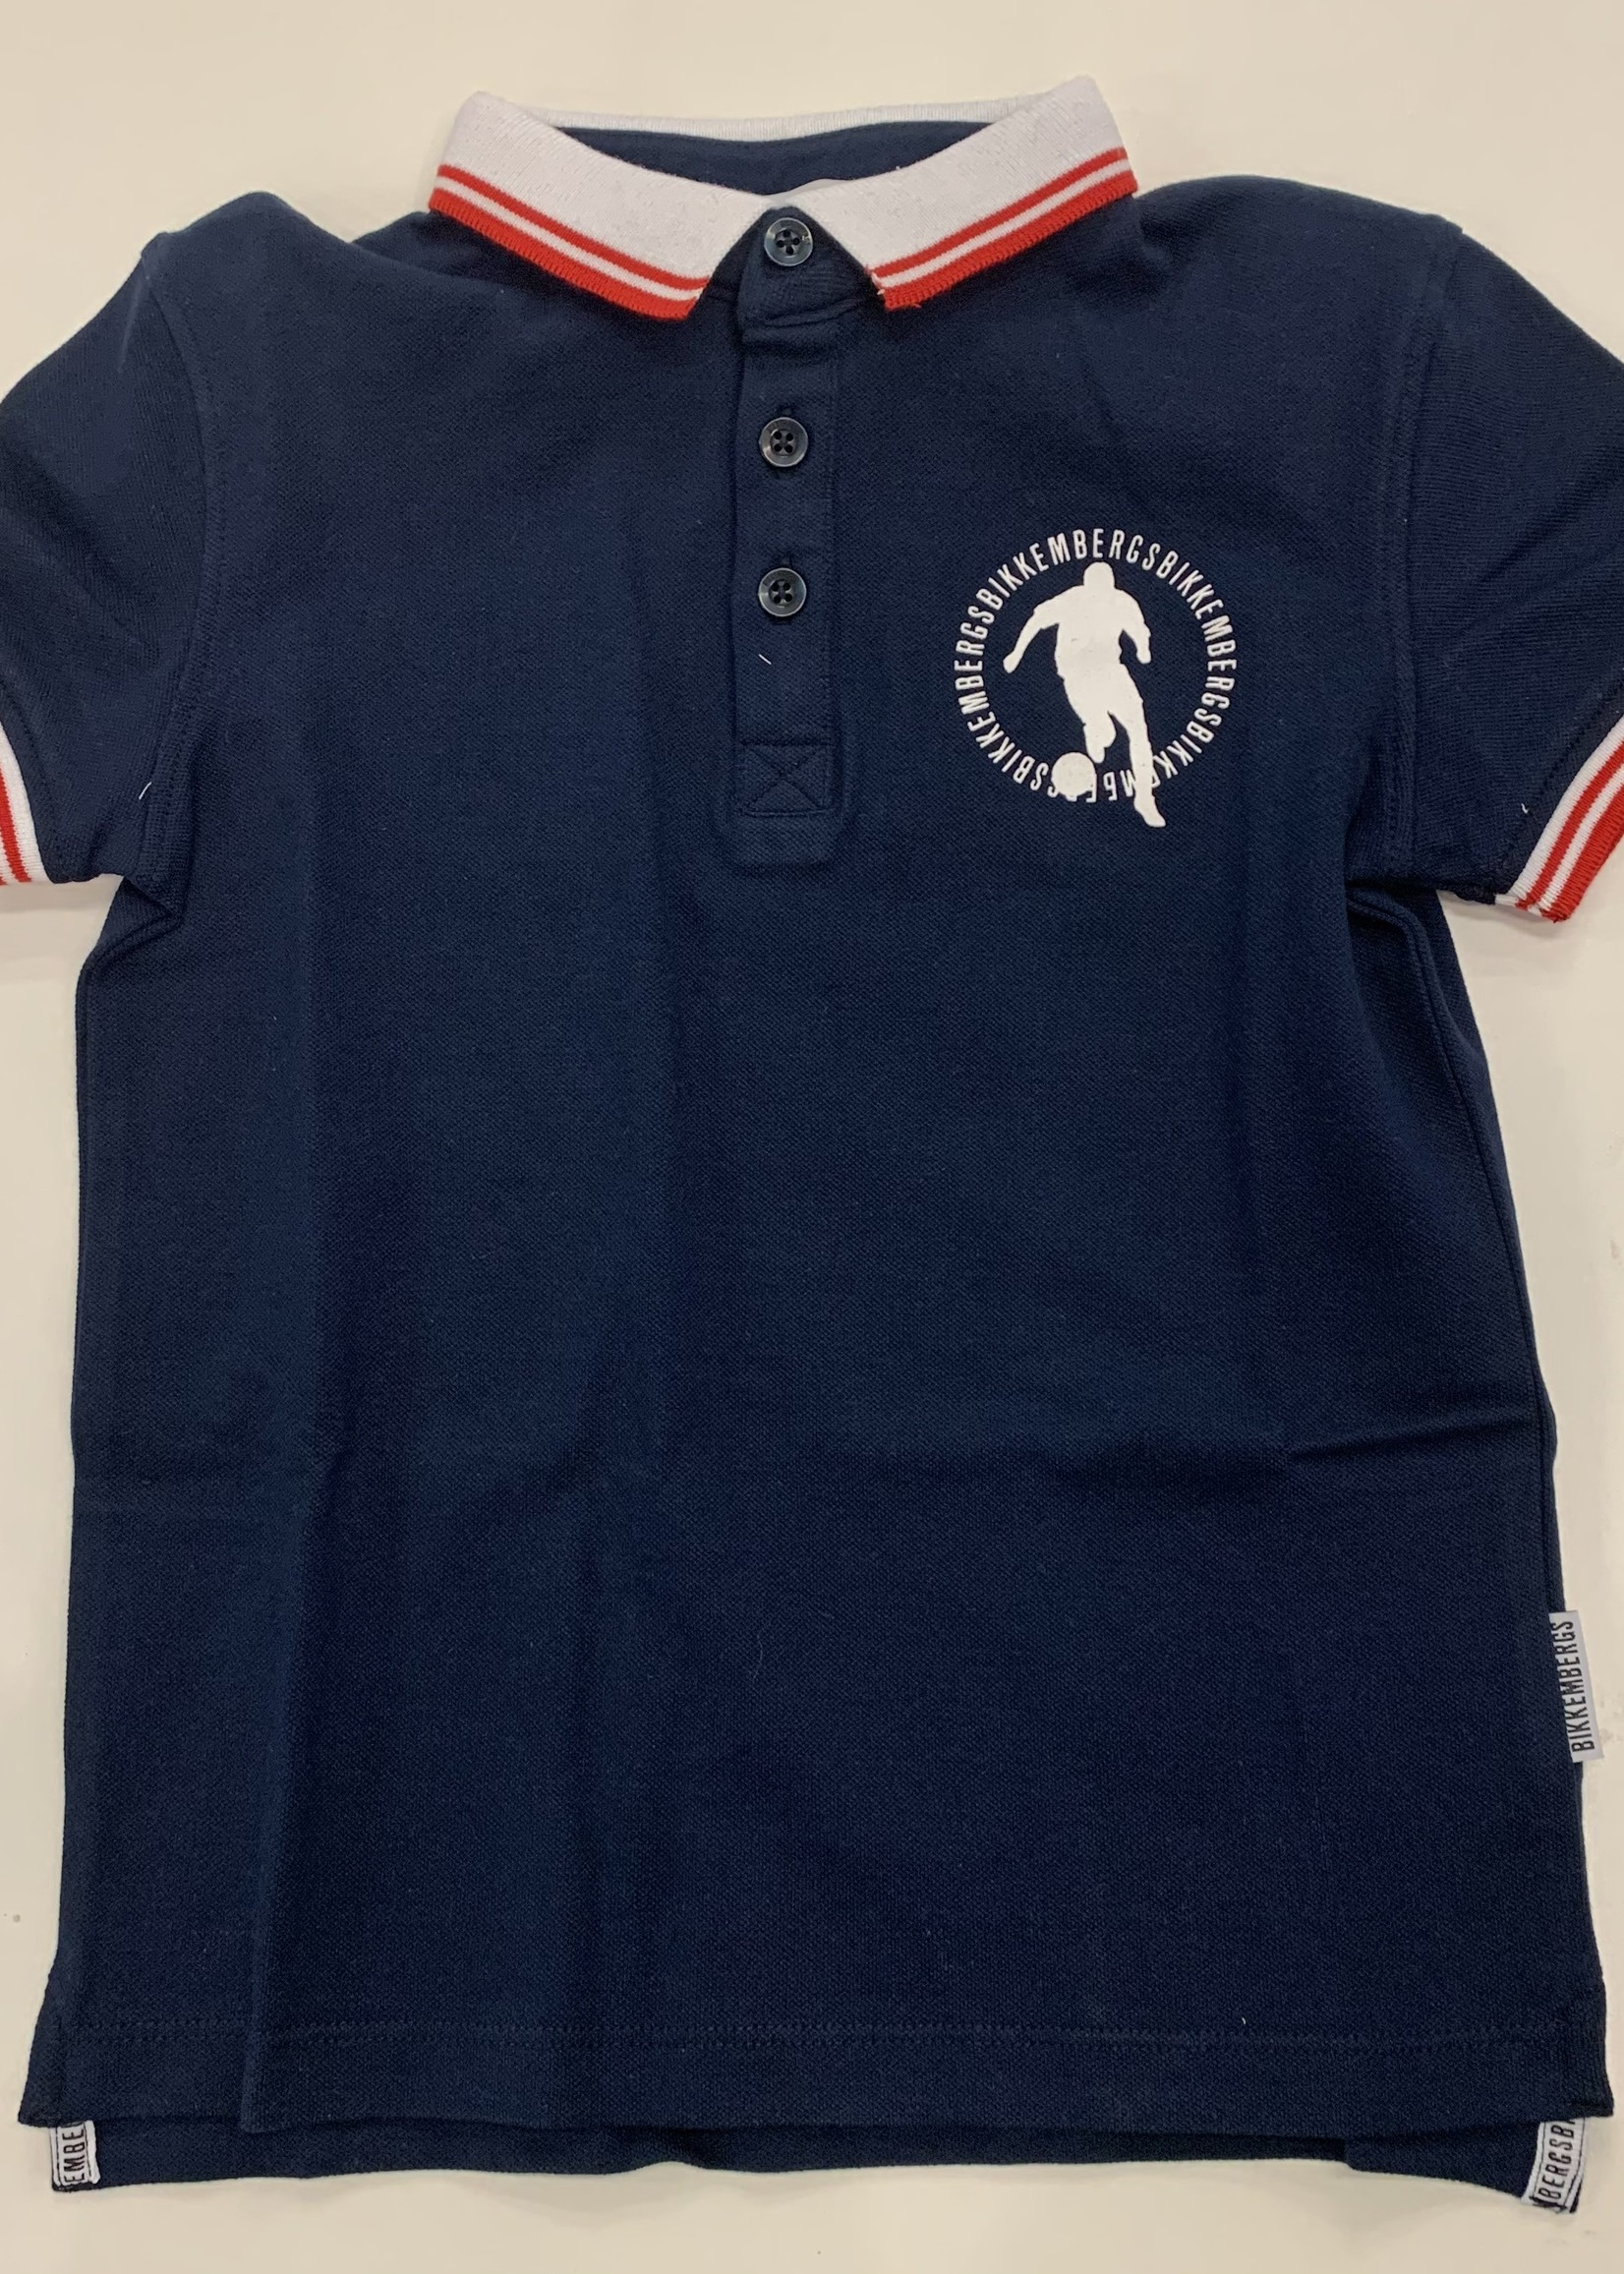 Bikkembergs Bikkembergs Polo Shirt Navy Blue